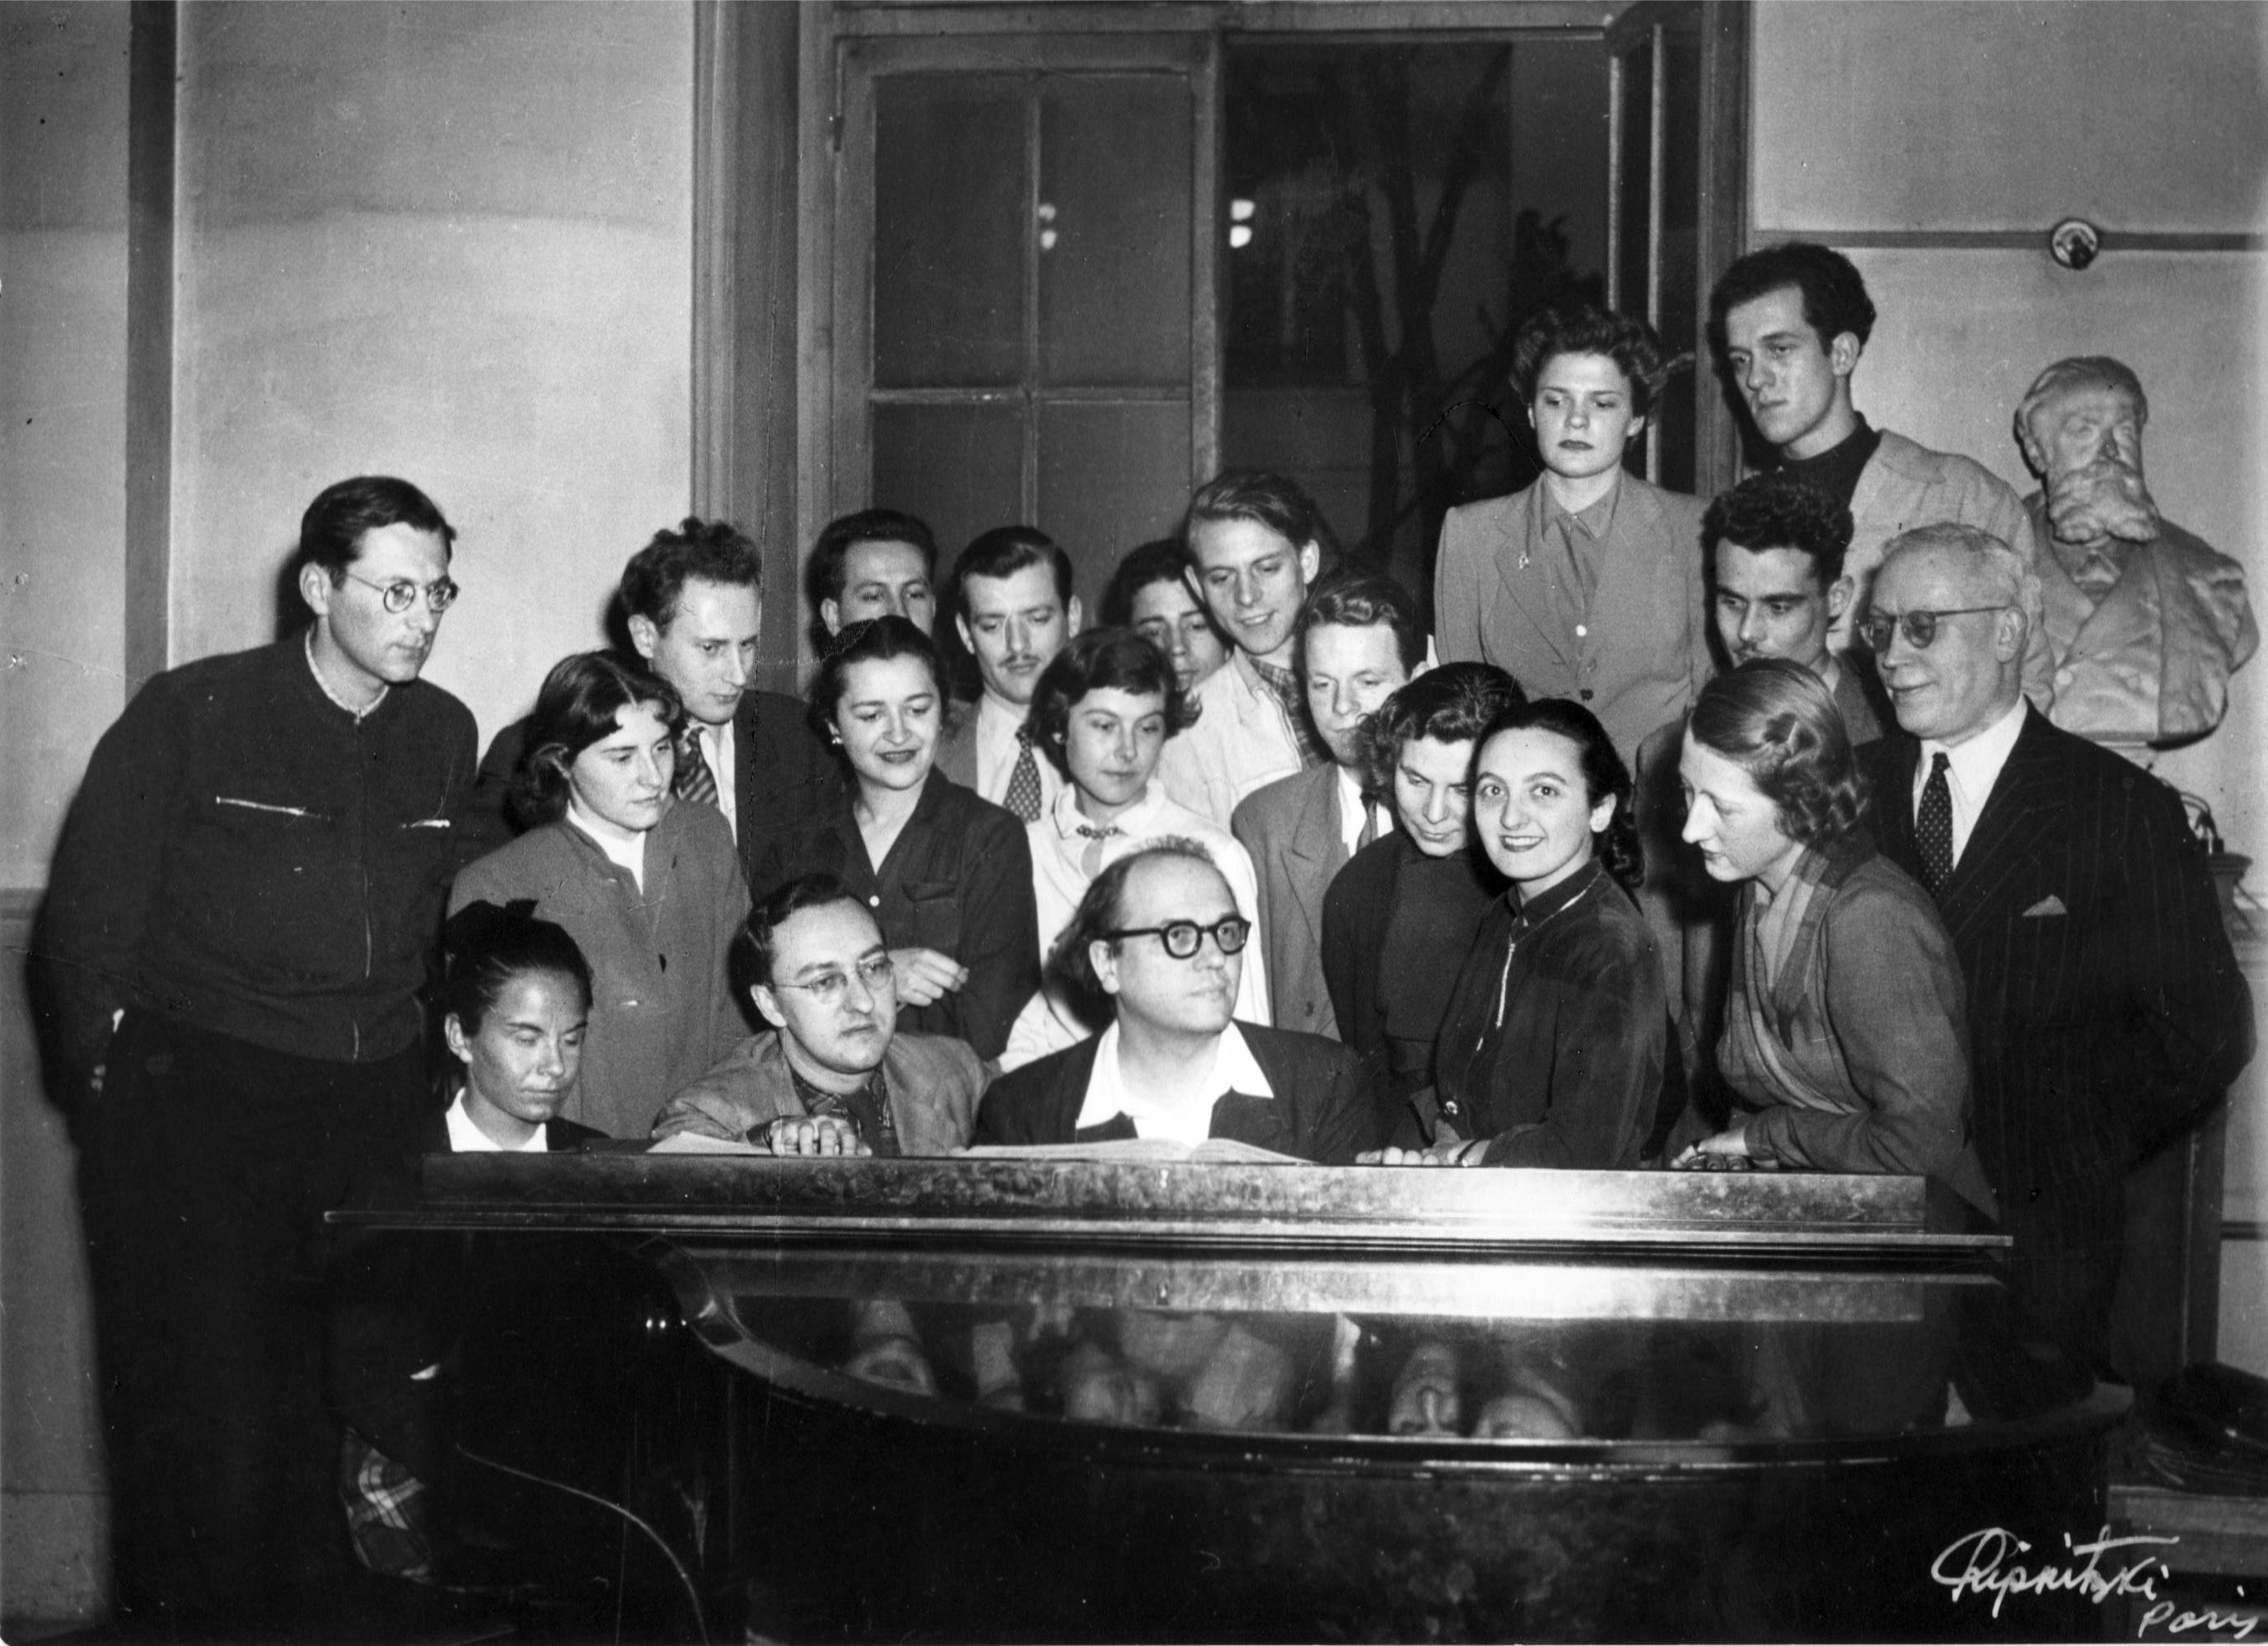 La classe de Messiaen. Je crois reconnaître Stockhausen (penché) au troisième rang…